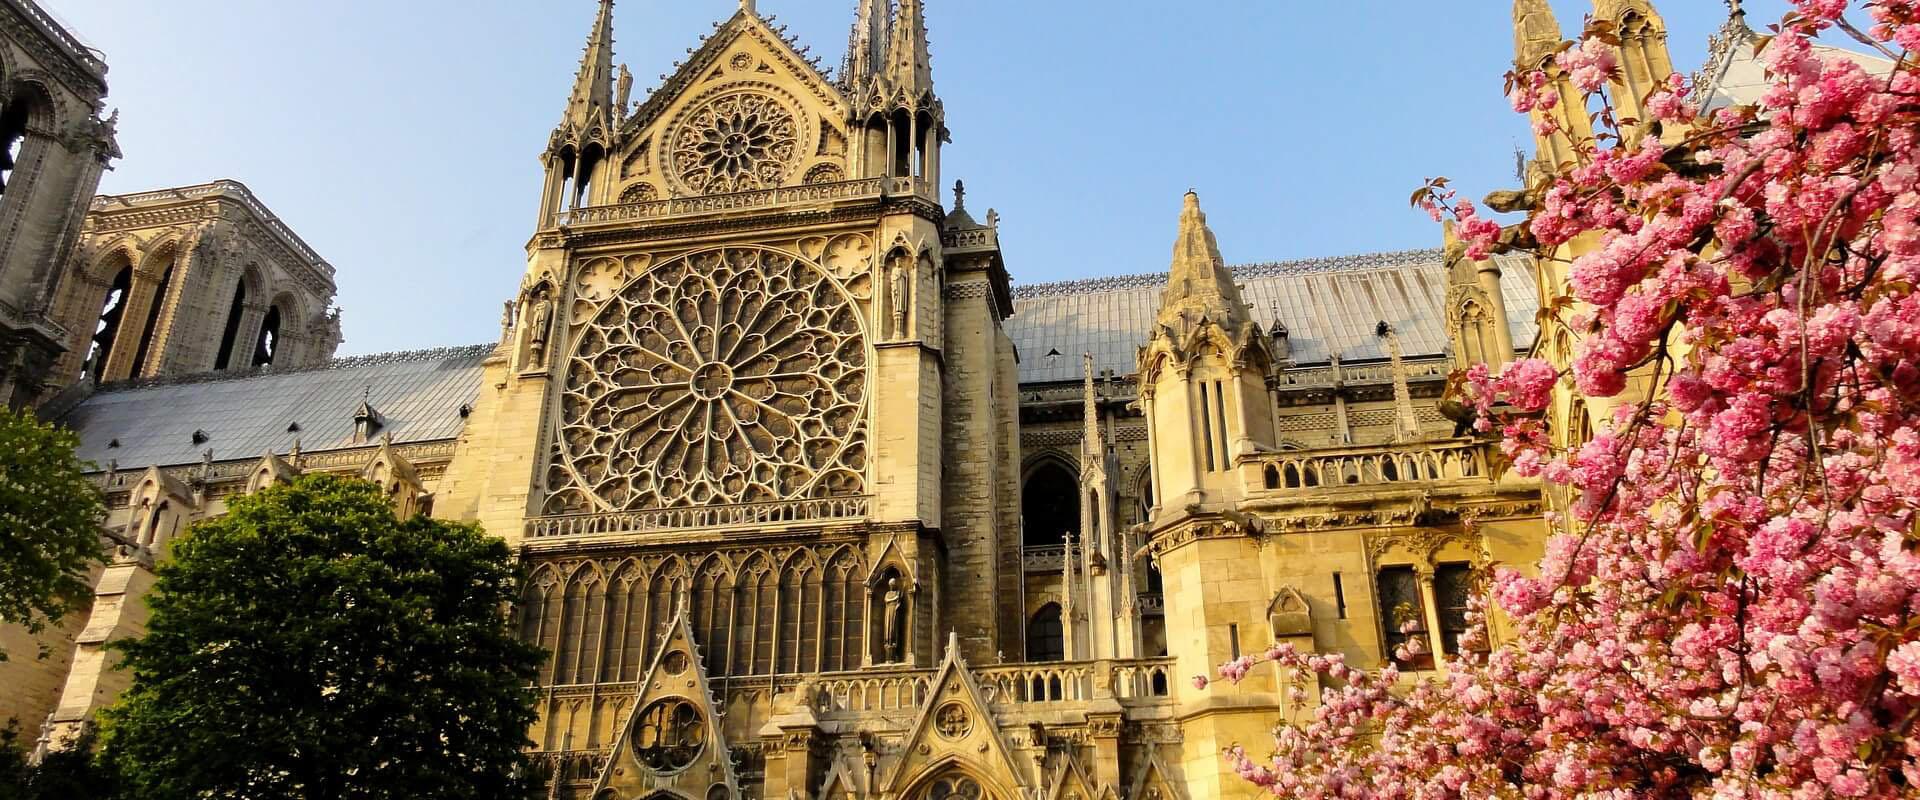 Notre_Dame_Paris_.jpg